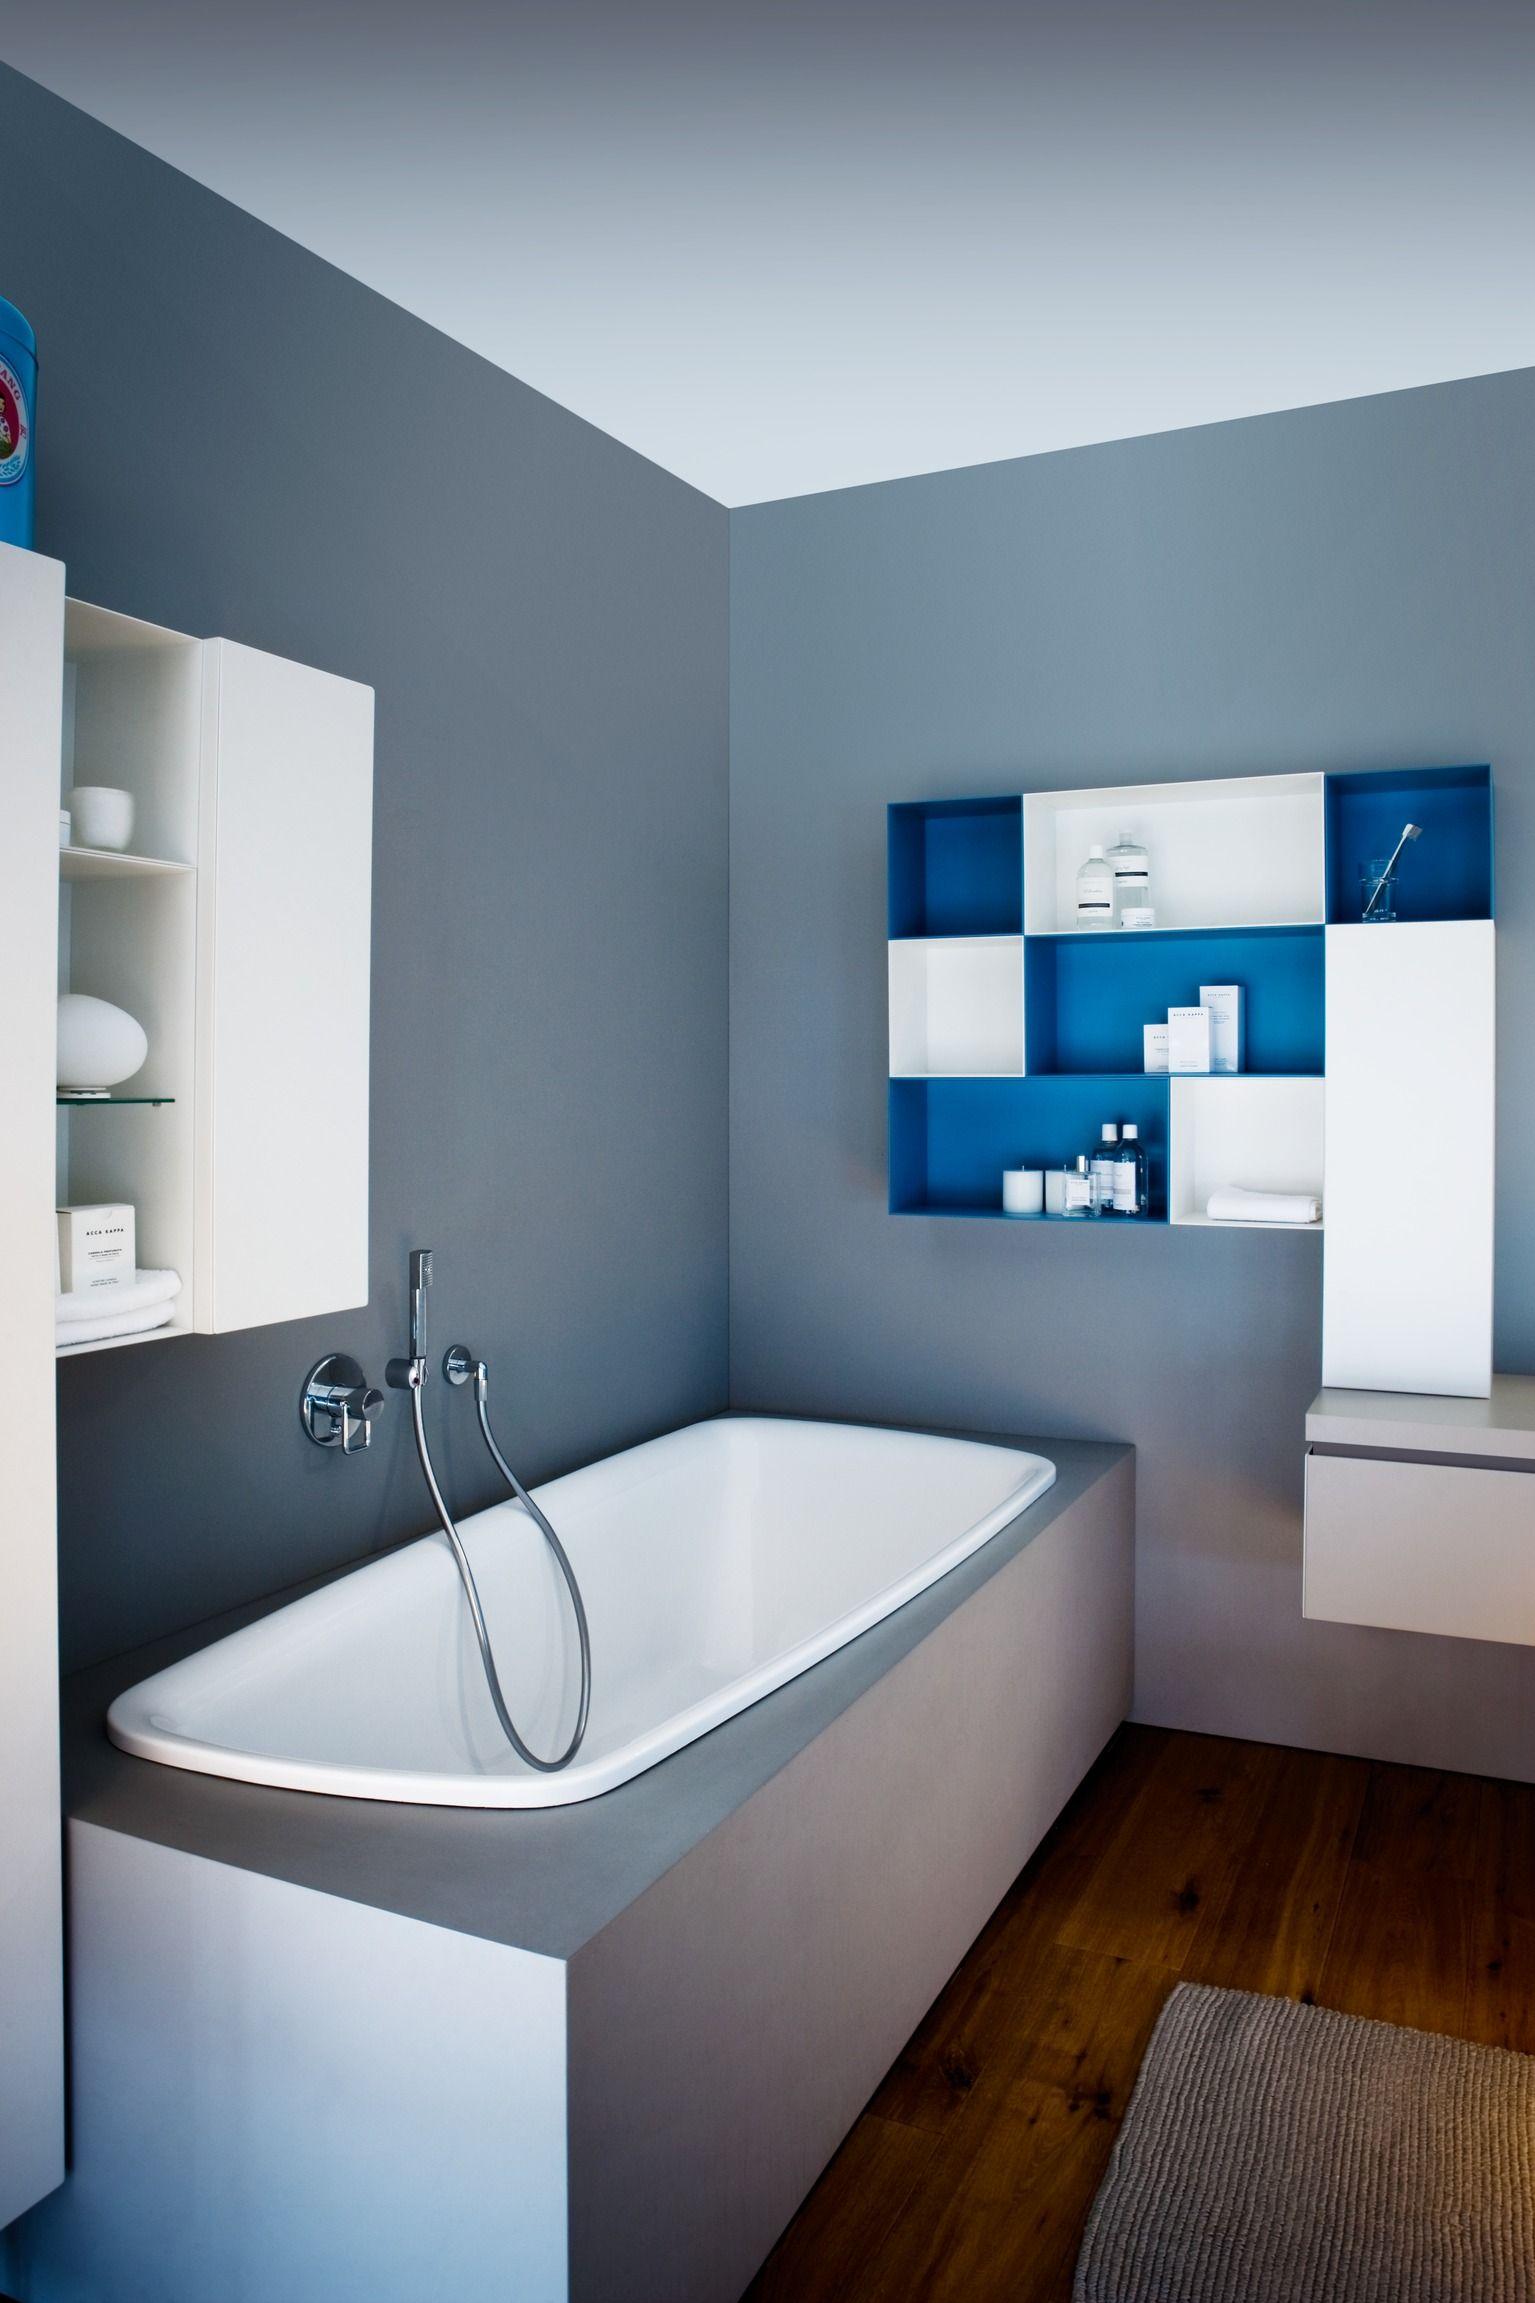 Laufen Bathroom Furniture. DESIGN LINES Laufen Bathroom Furniture ...